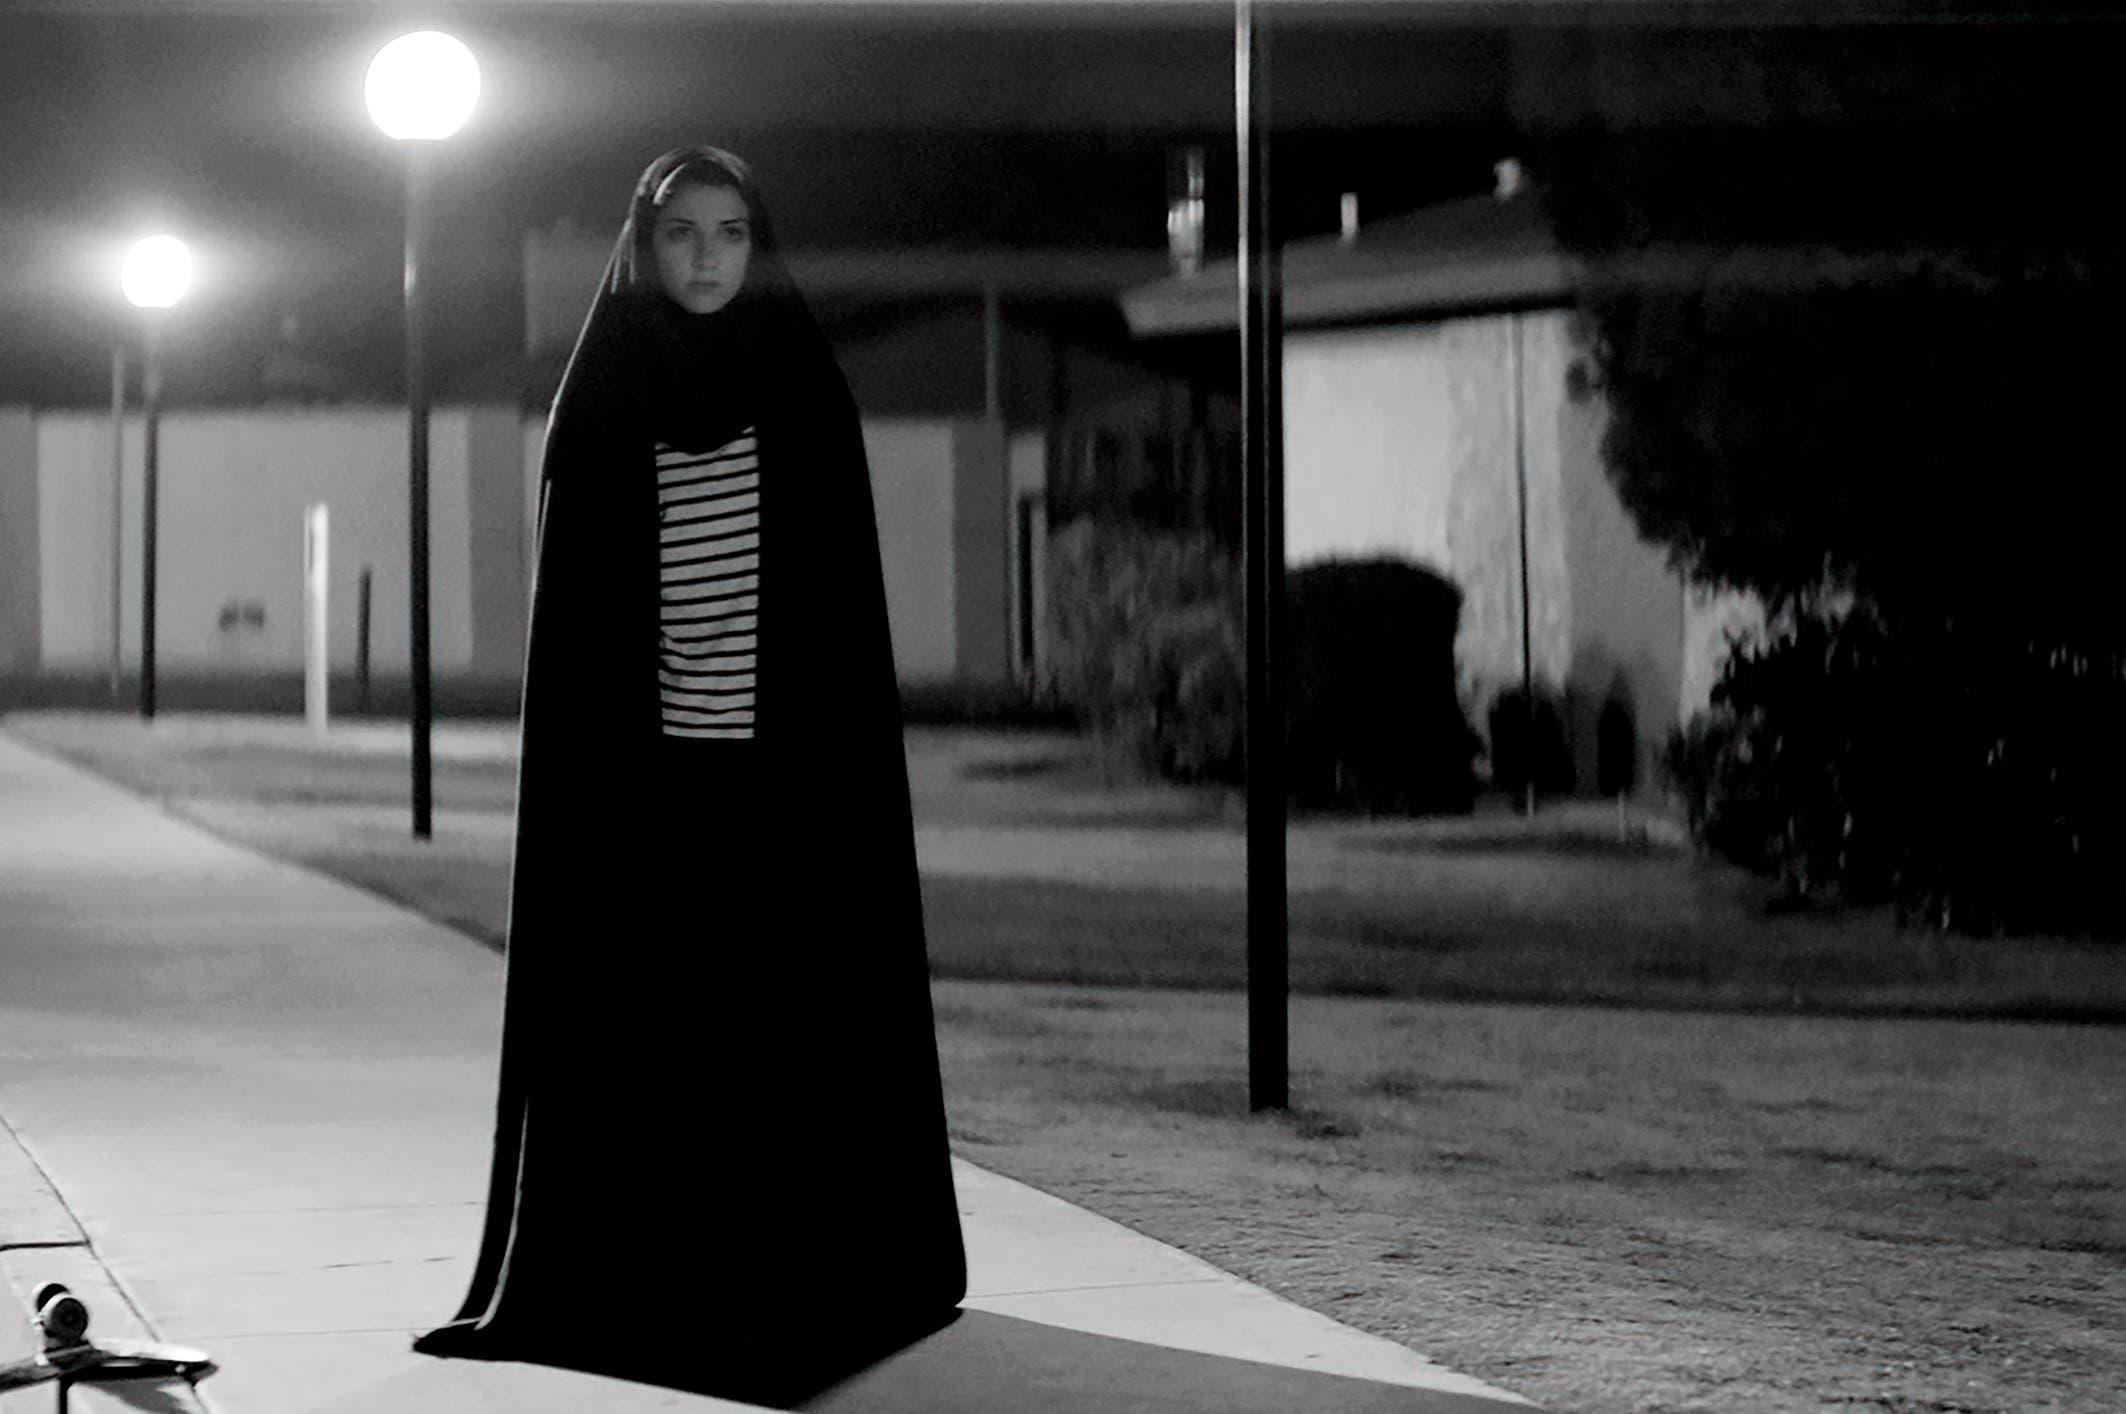 Una mujer iraní camina en una noche oscura